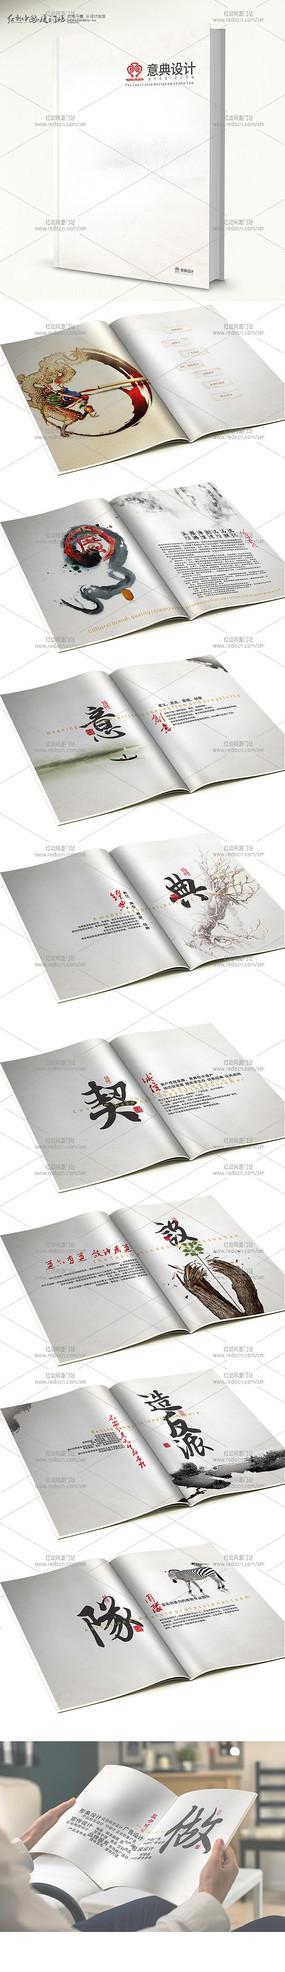 中国风广告公司画册 CDR